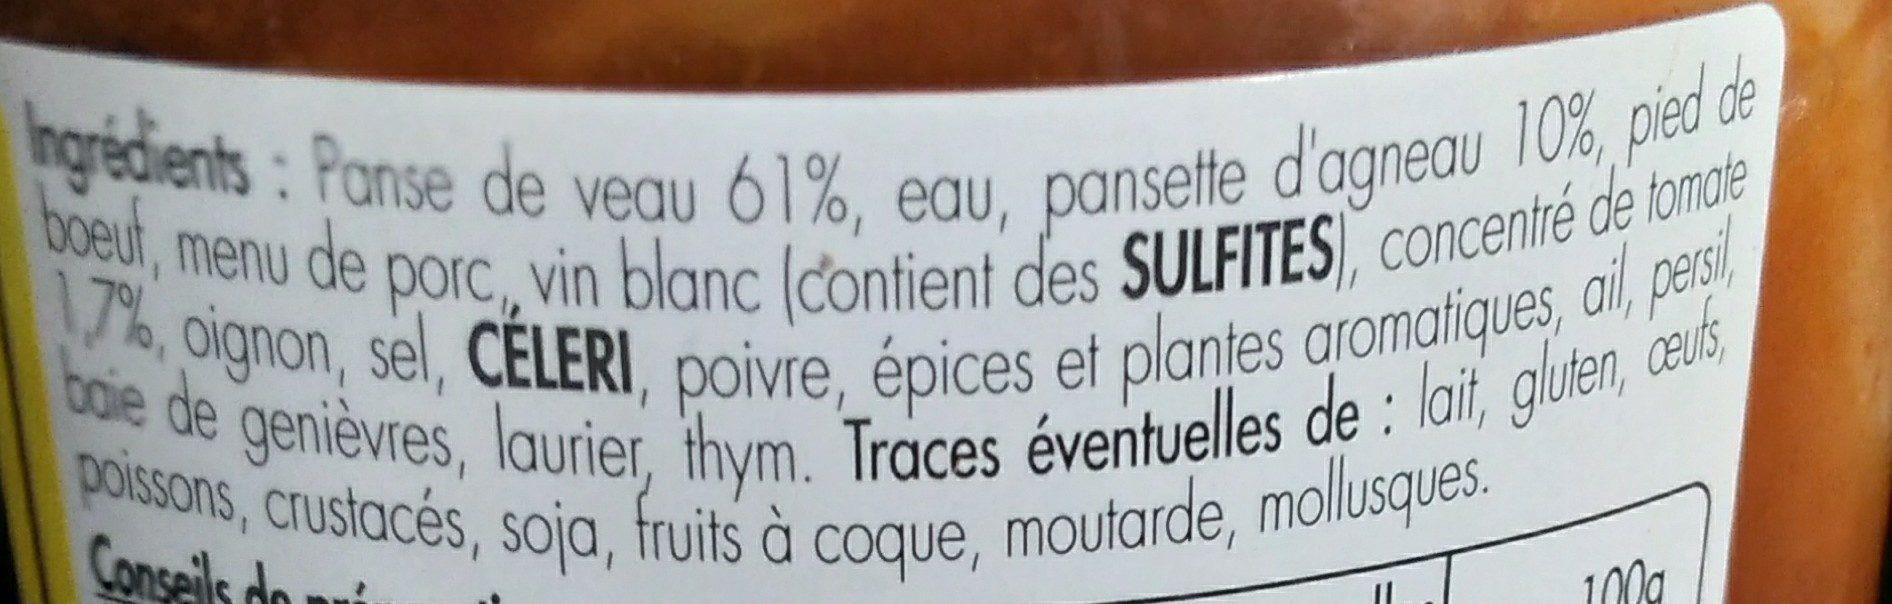 Tripoux d'Auvergne - Ingrédients